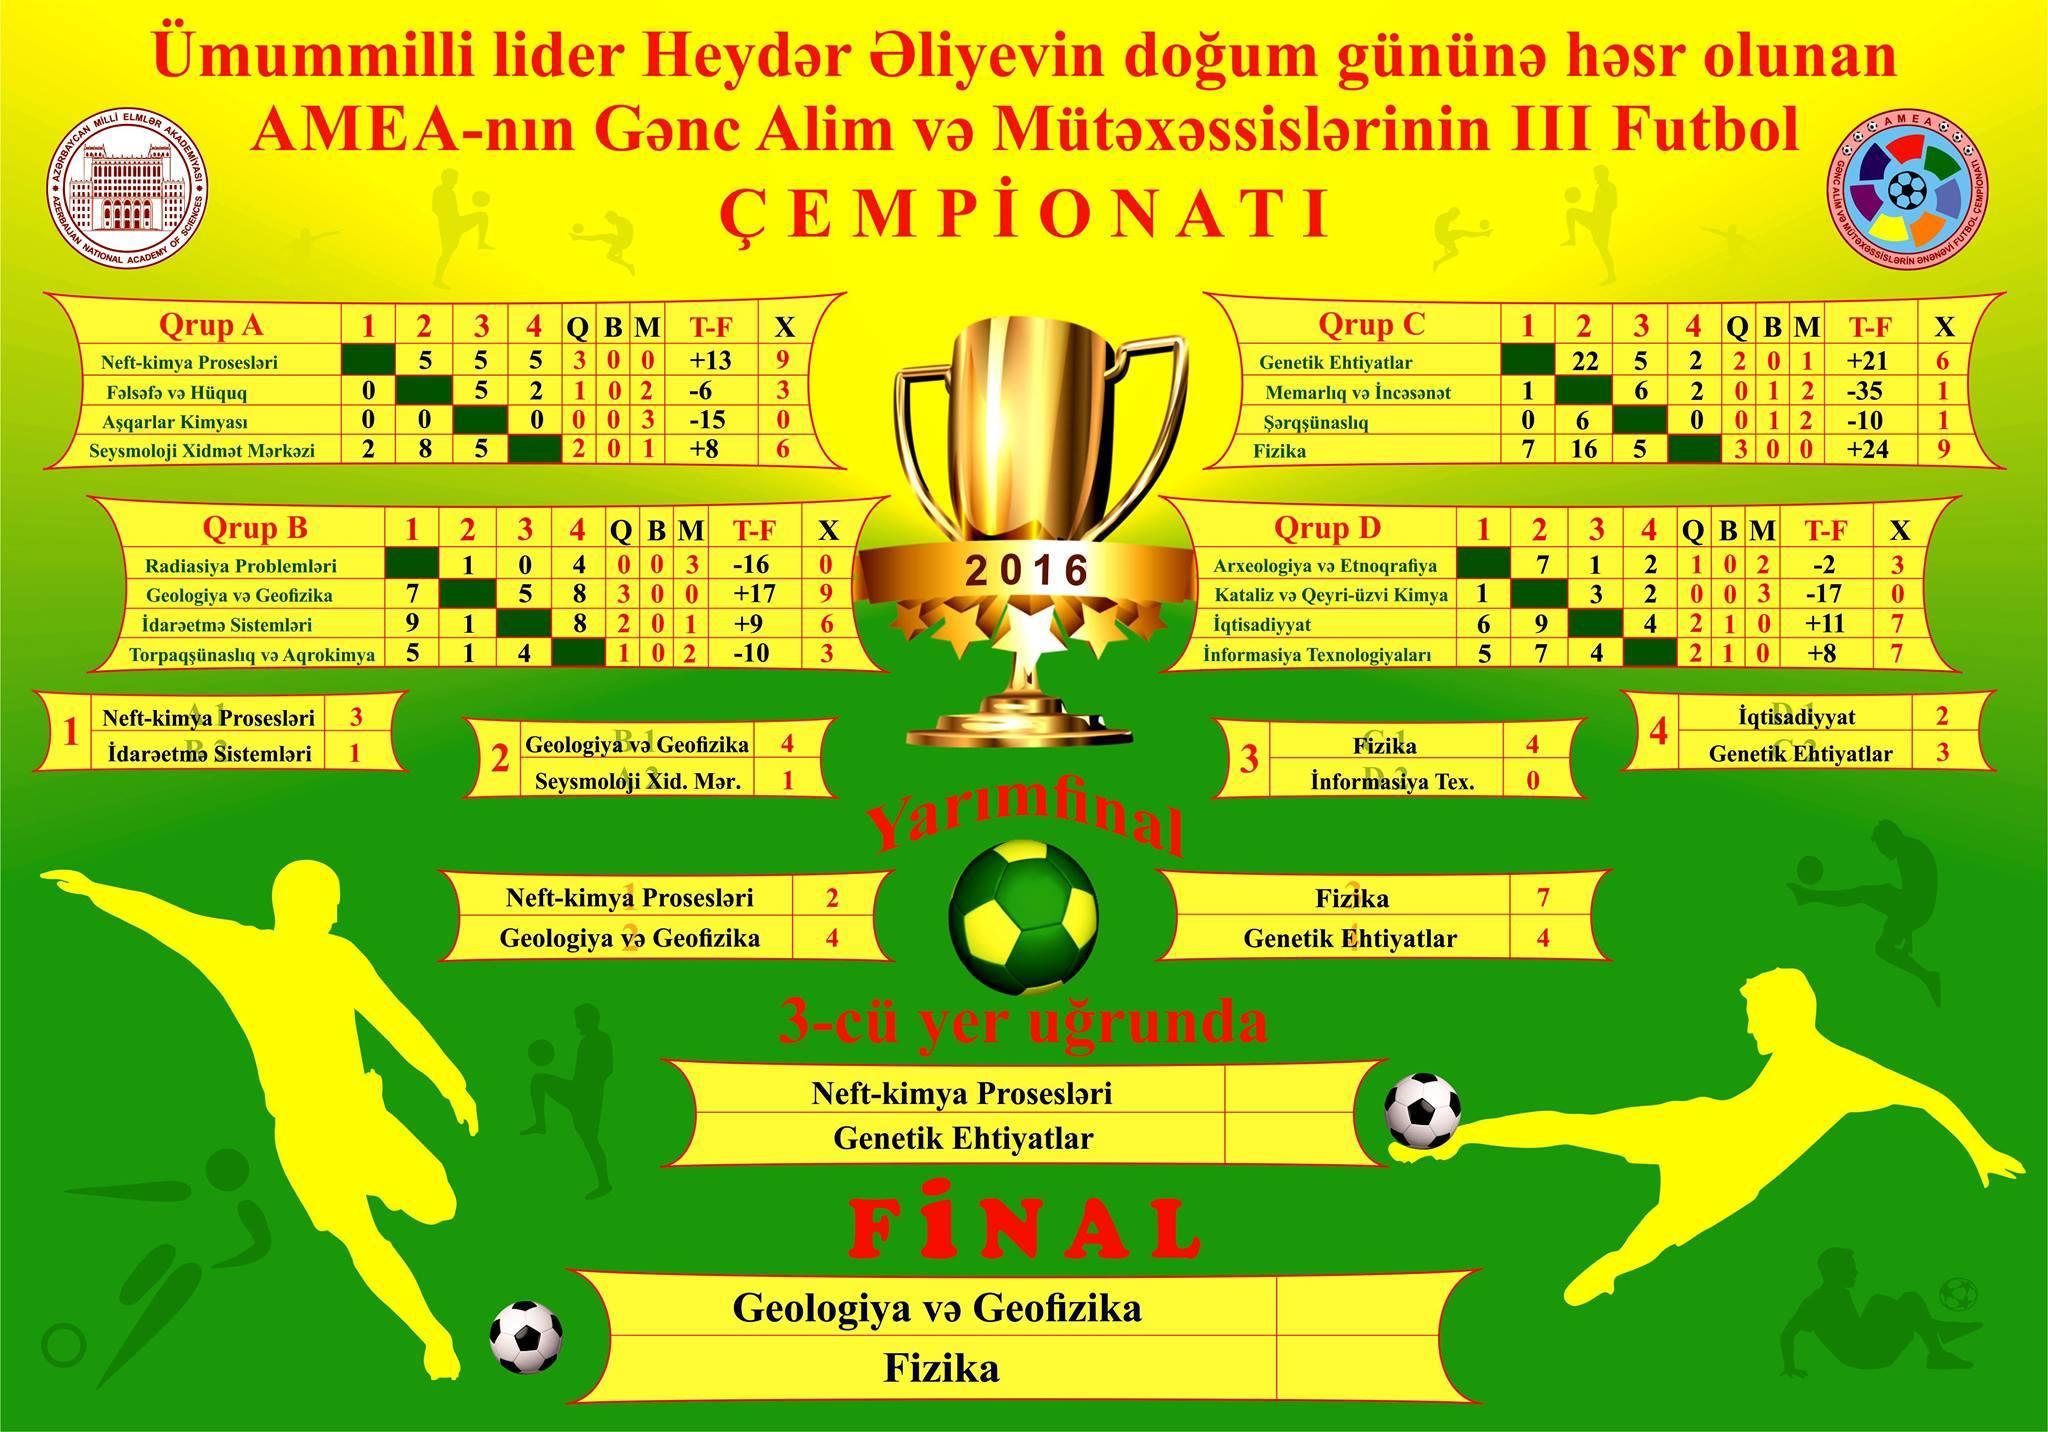 Geologiya və Geofizika İnstitutu ilə Fizika İnstitutu Gənc Alim və Mütəxəssislərin III Futbol Çempionatının finalında qarşılaşacaqlar